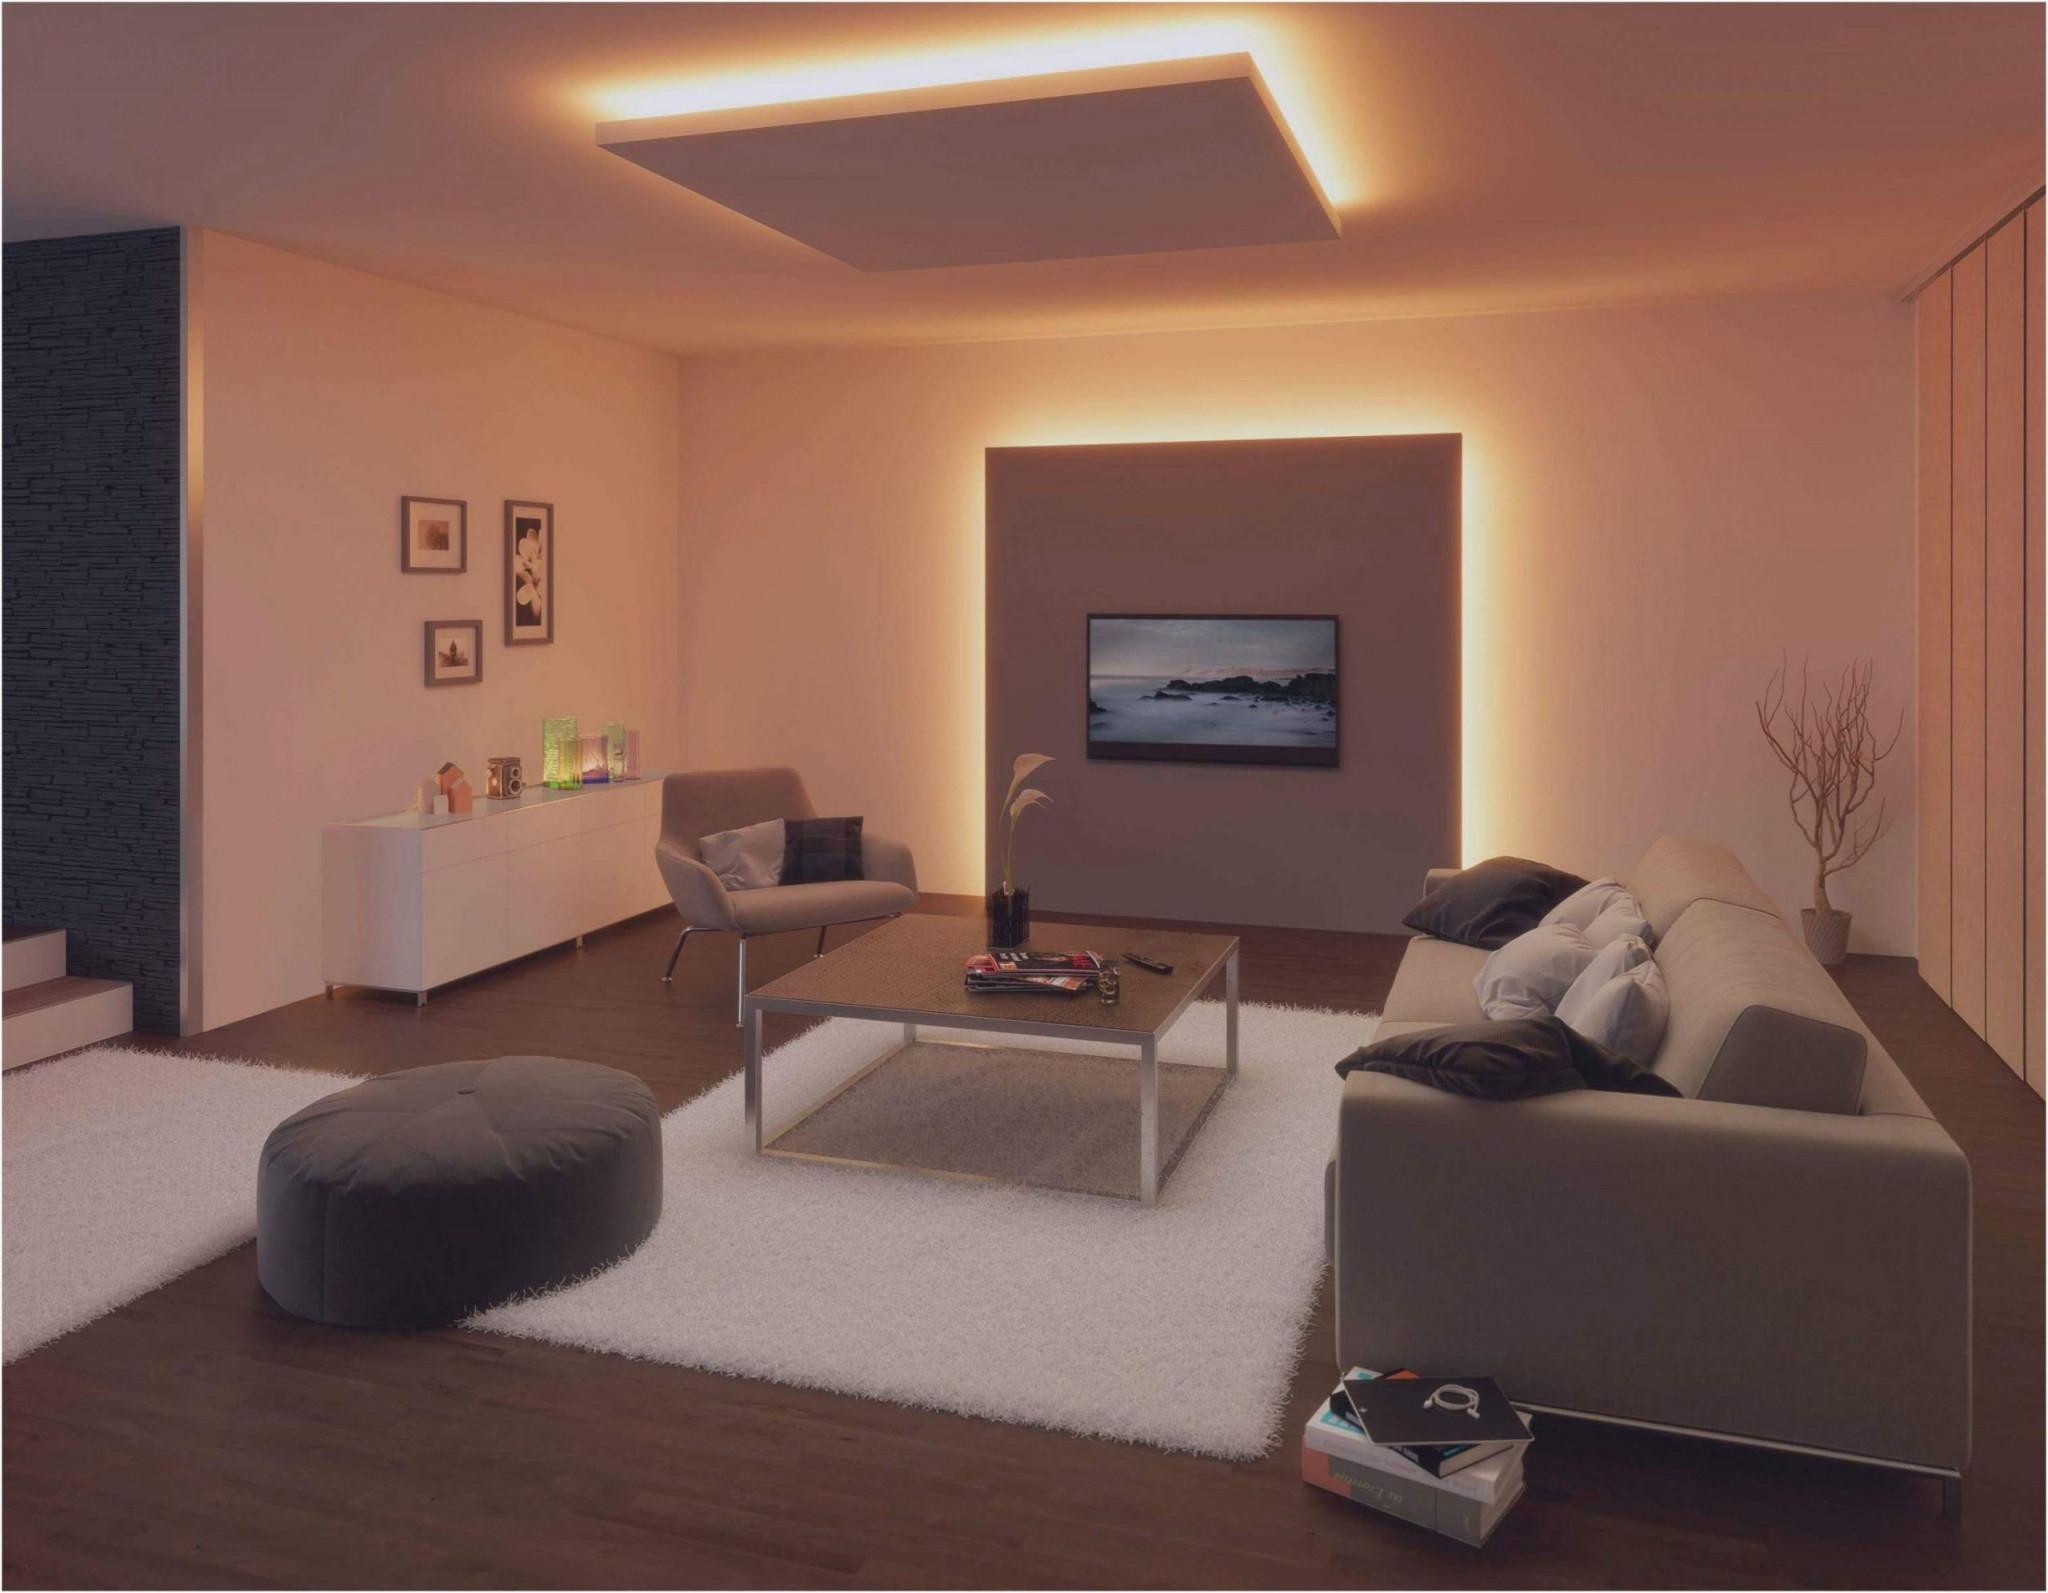 Wohnideen Wohnzimmer Modern Reizend Wohnzimmer Ideen Modern von Moderne Wohnideen Wohnzimmer Bild